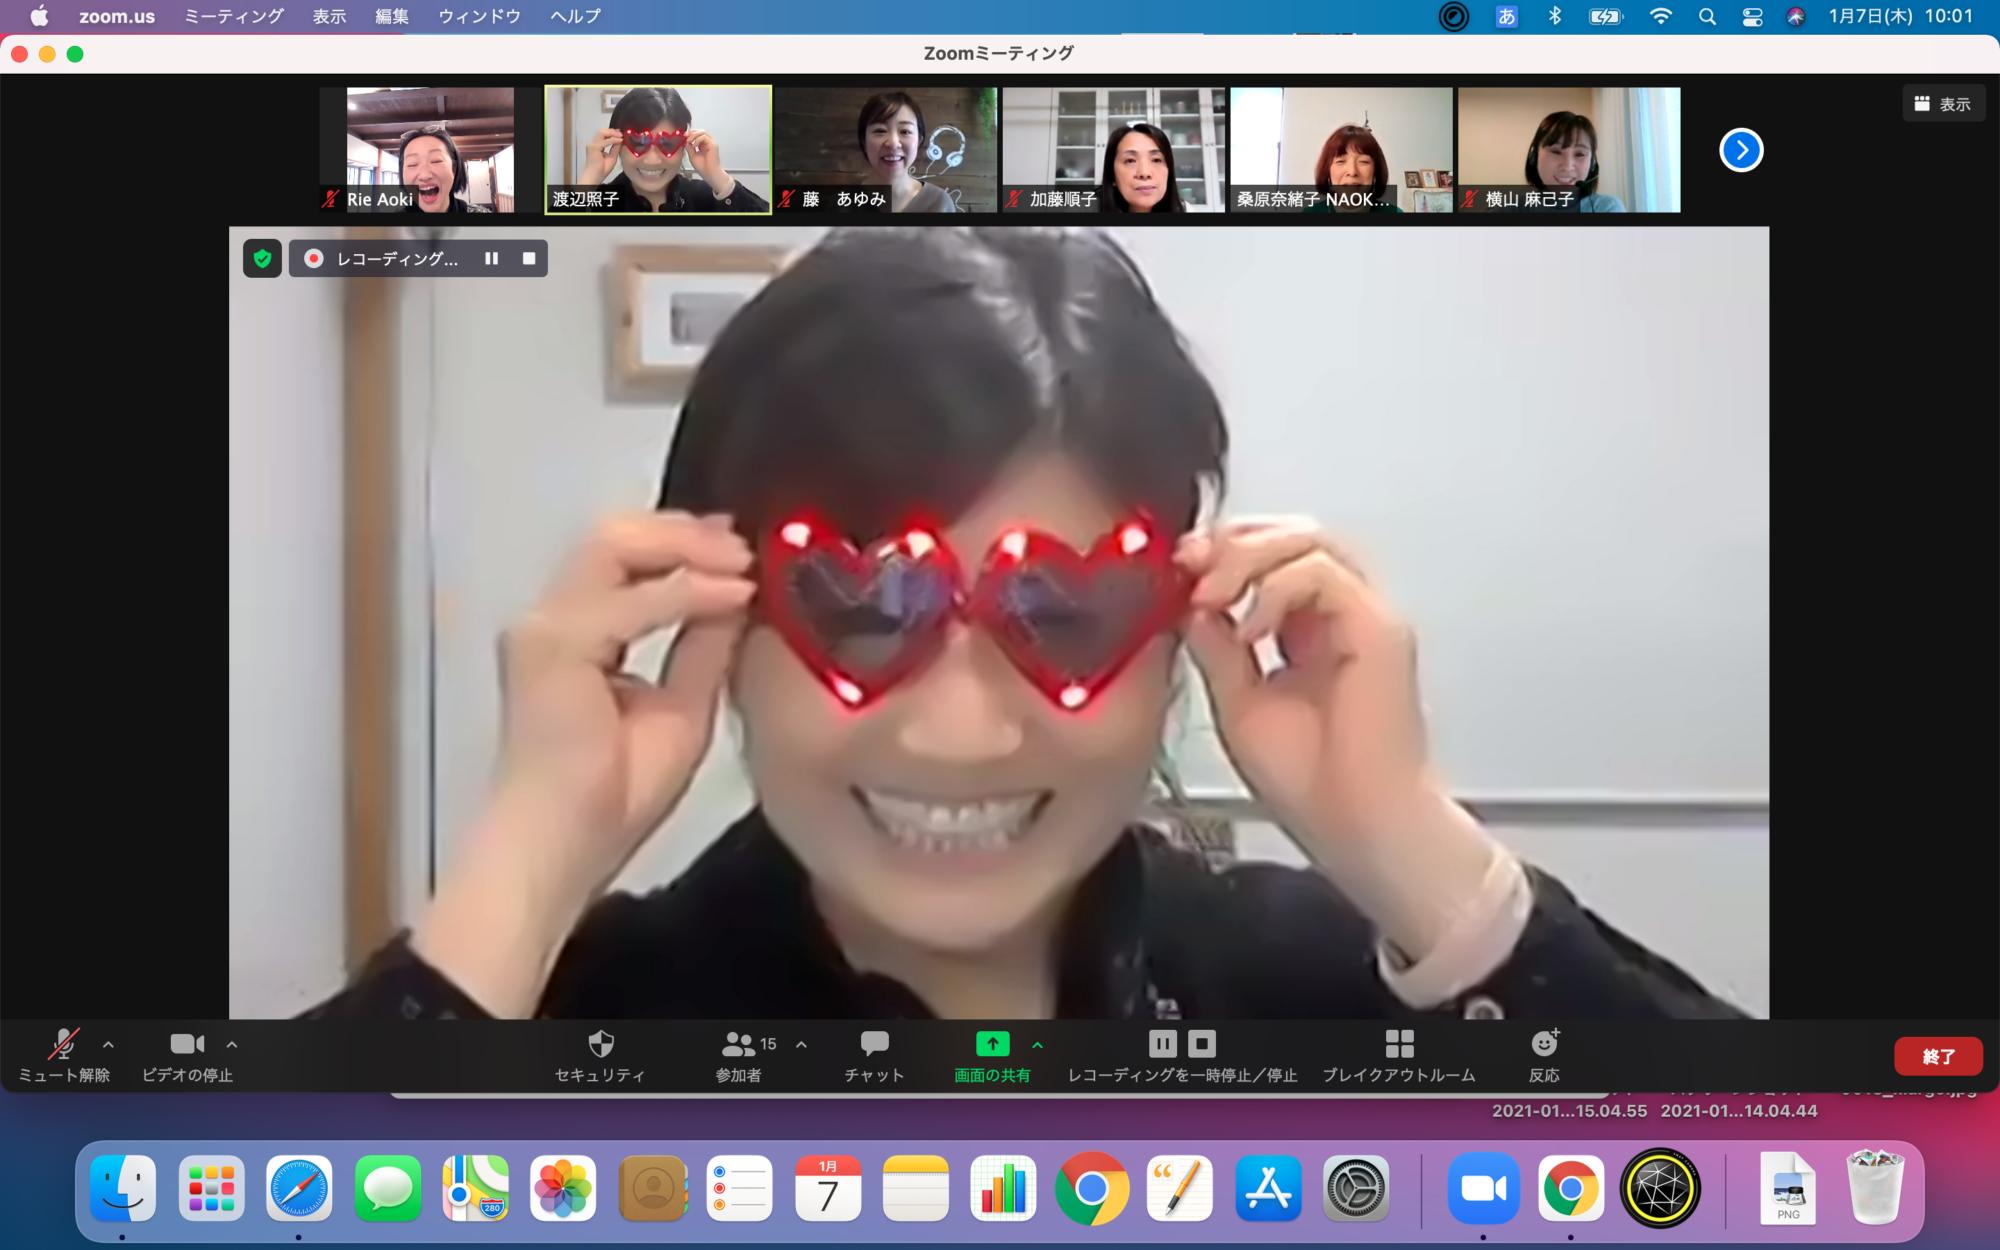 プラスのメガネって知っていますか?